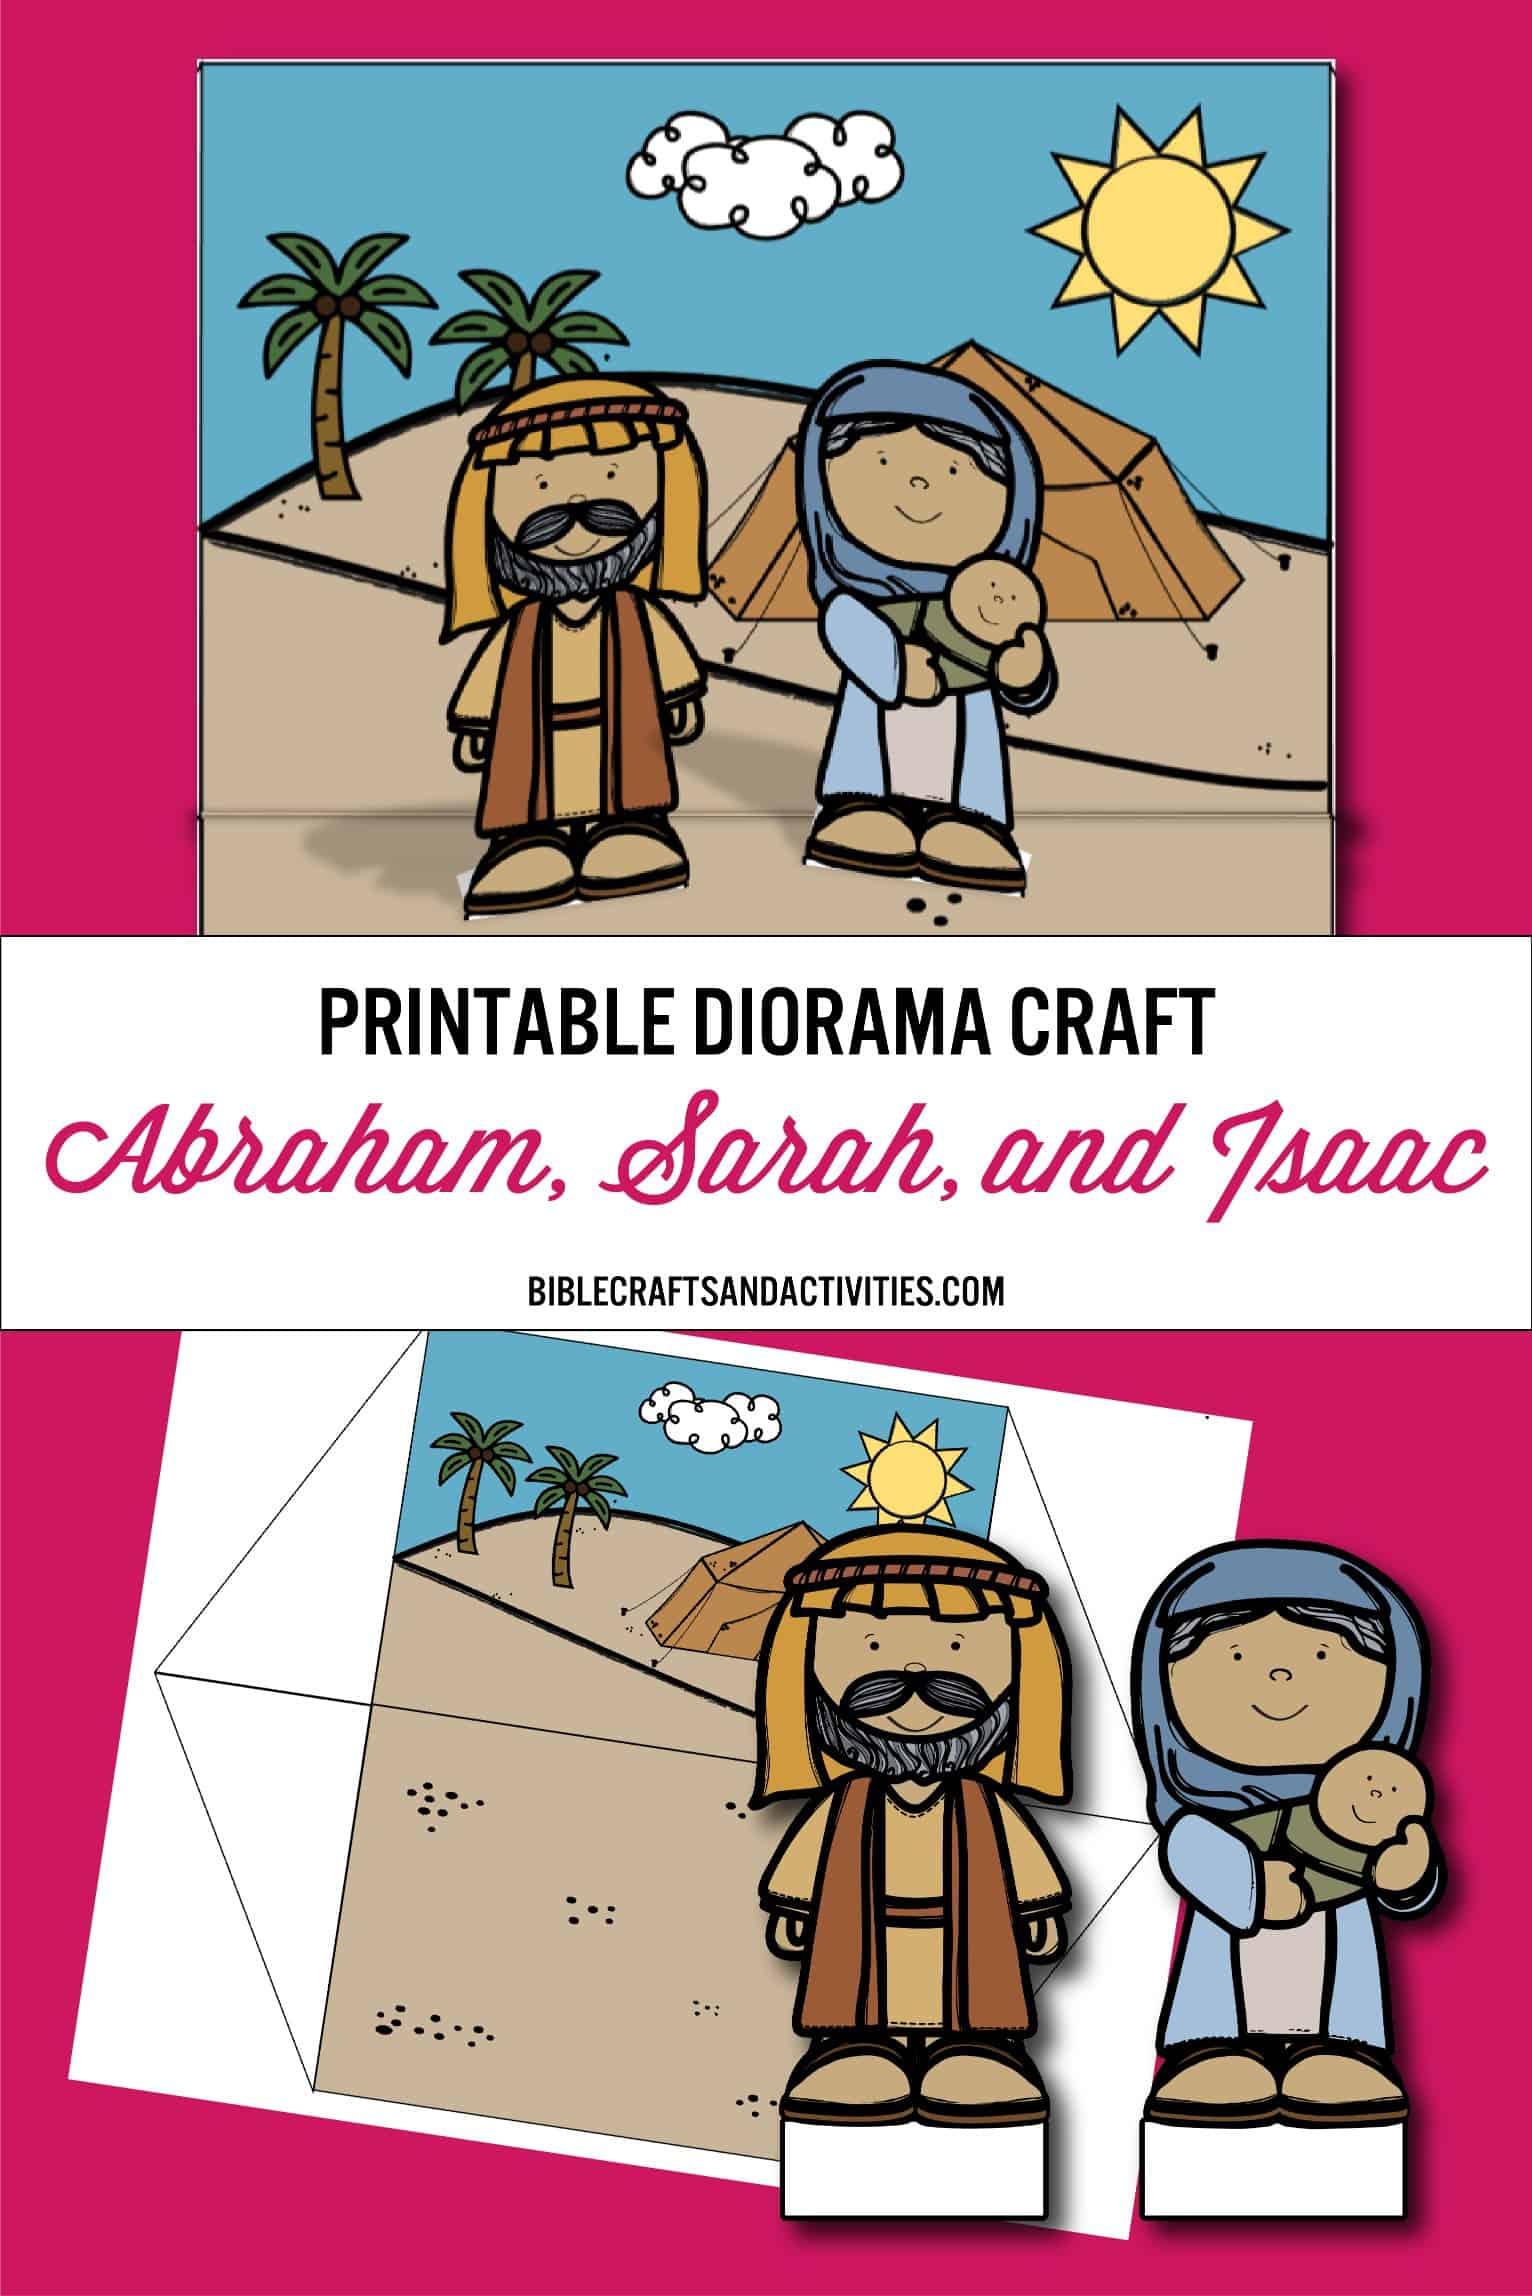 photograph about Printable Diorama identified as pinterest-printable-diorama-craft-abraham-sarah-isaac